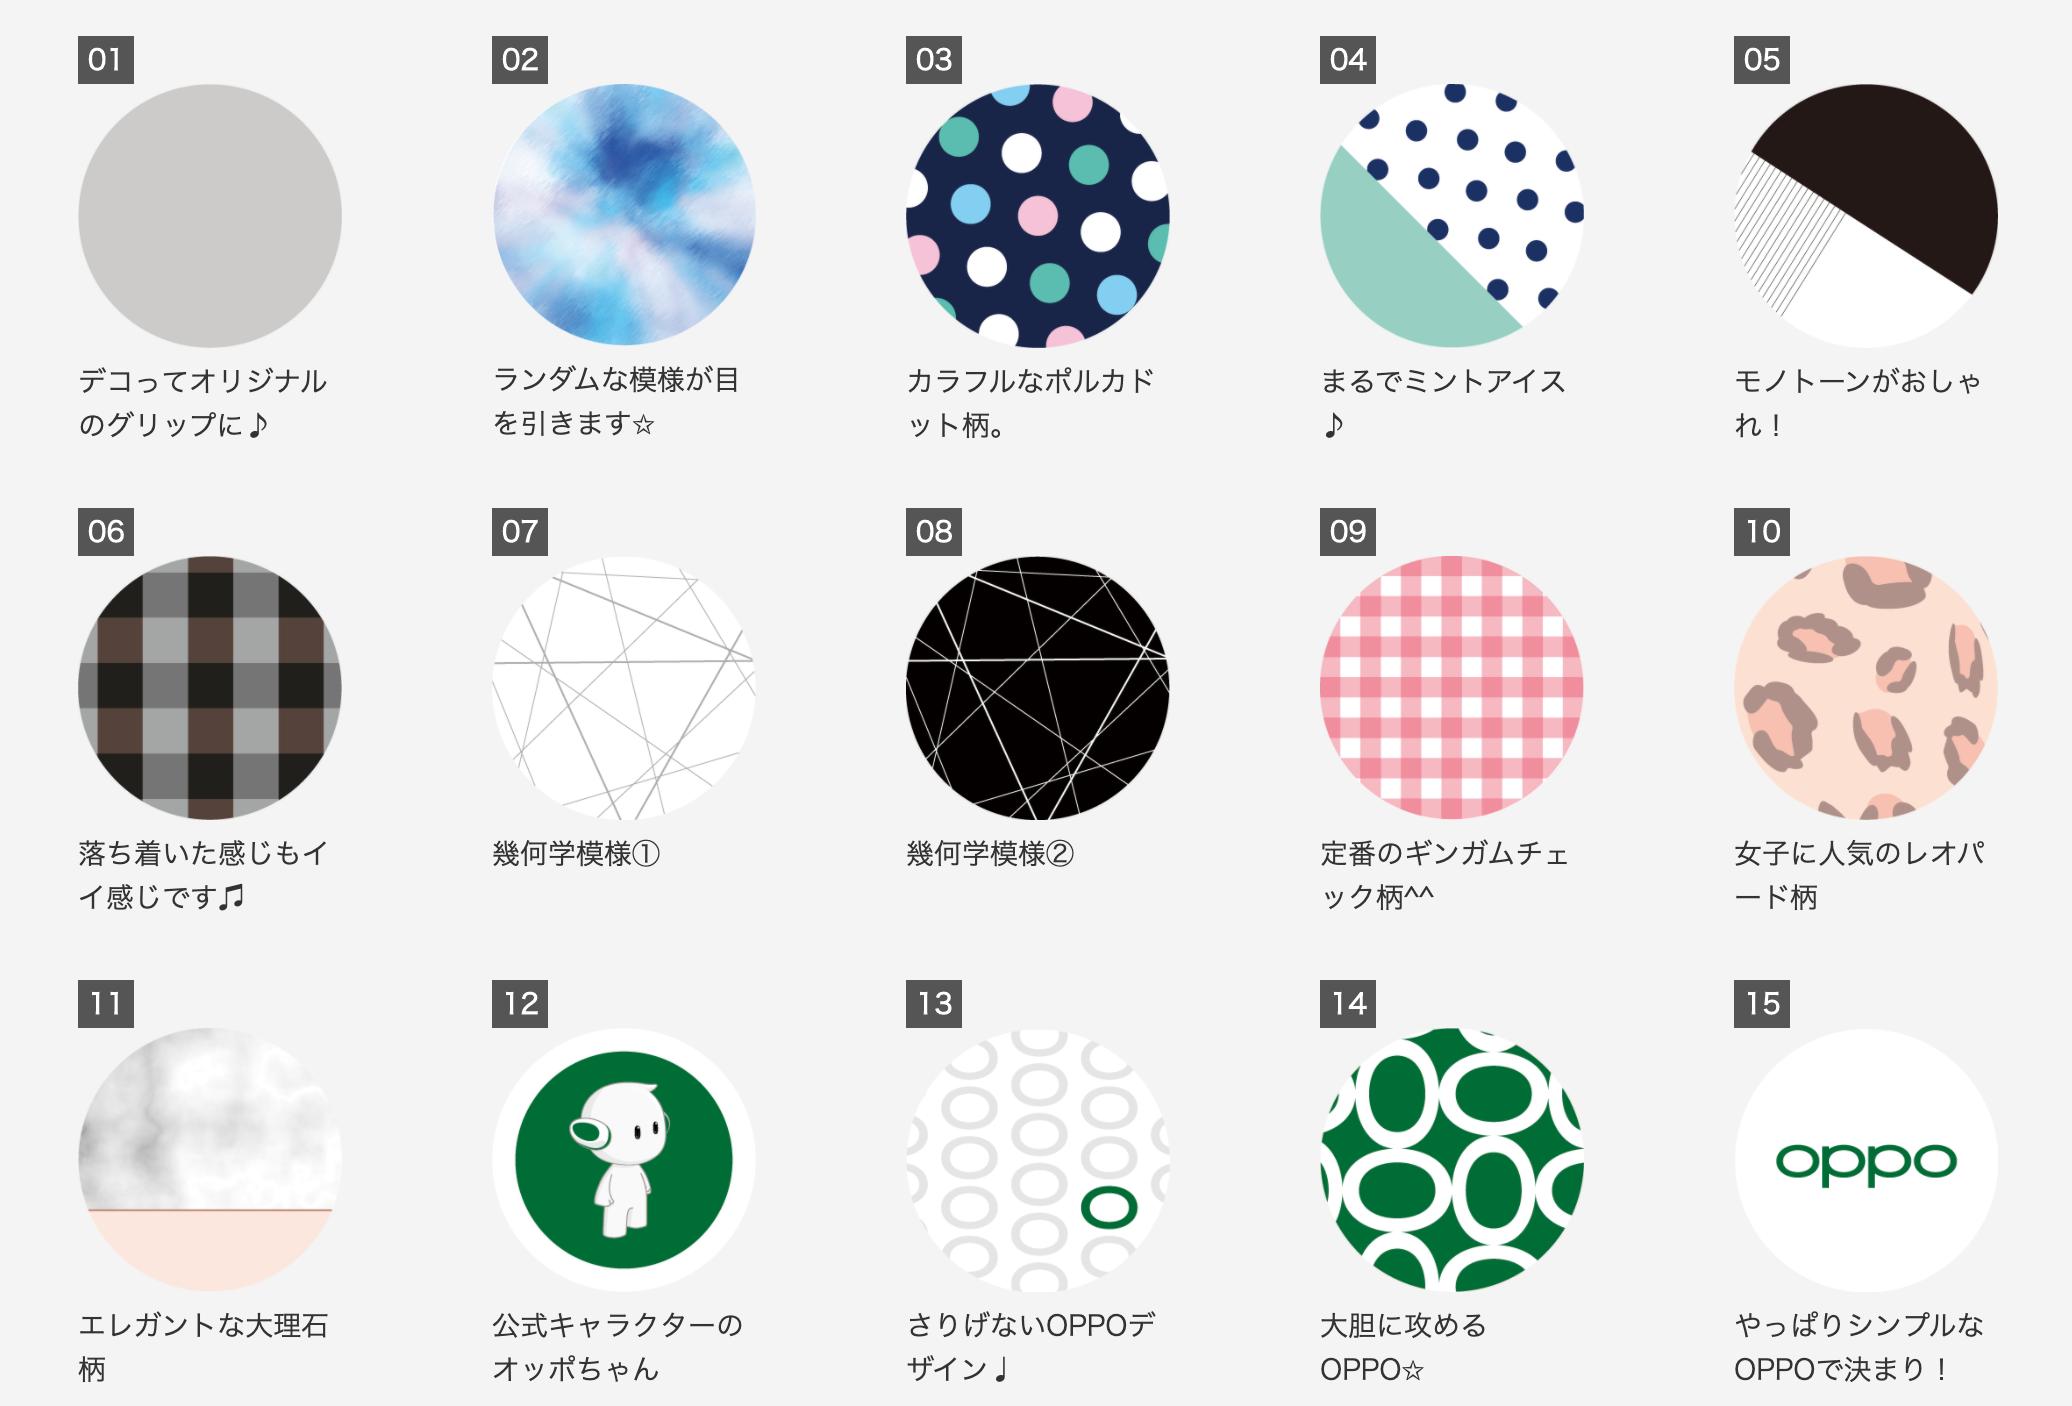 f:id:Azusa_Hirano:20200813022822p:plain